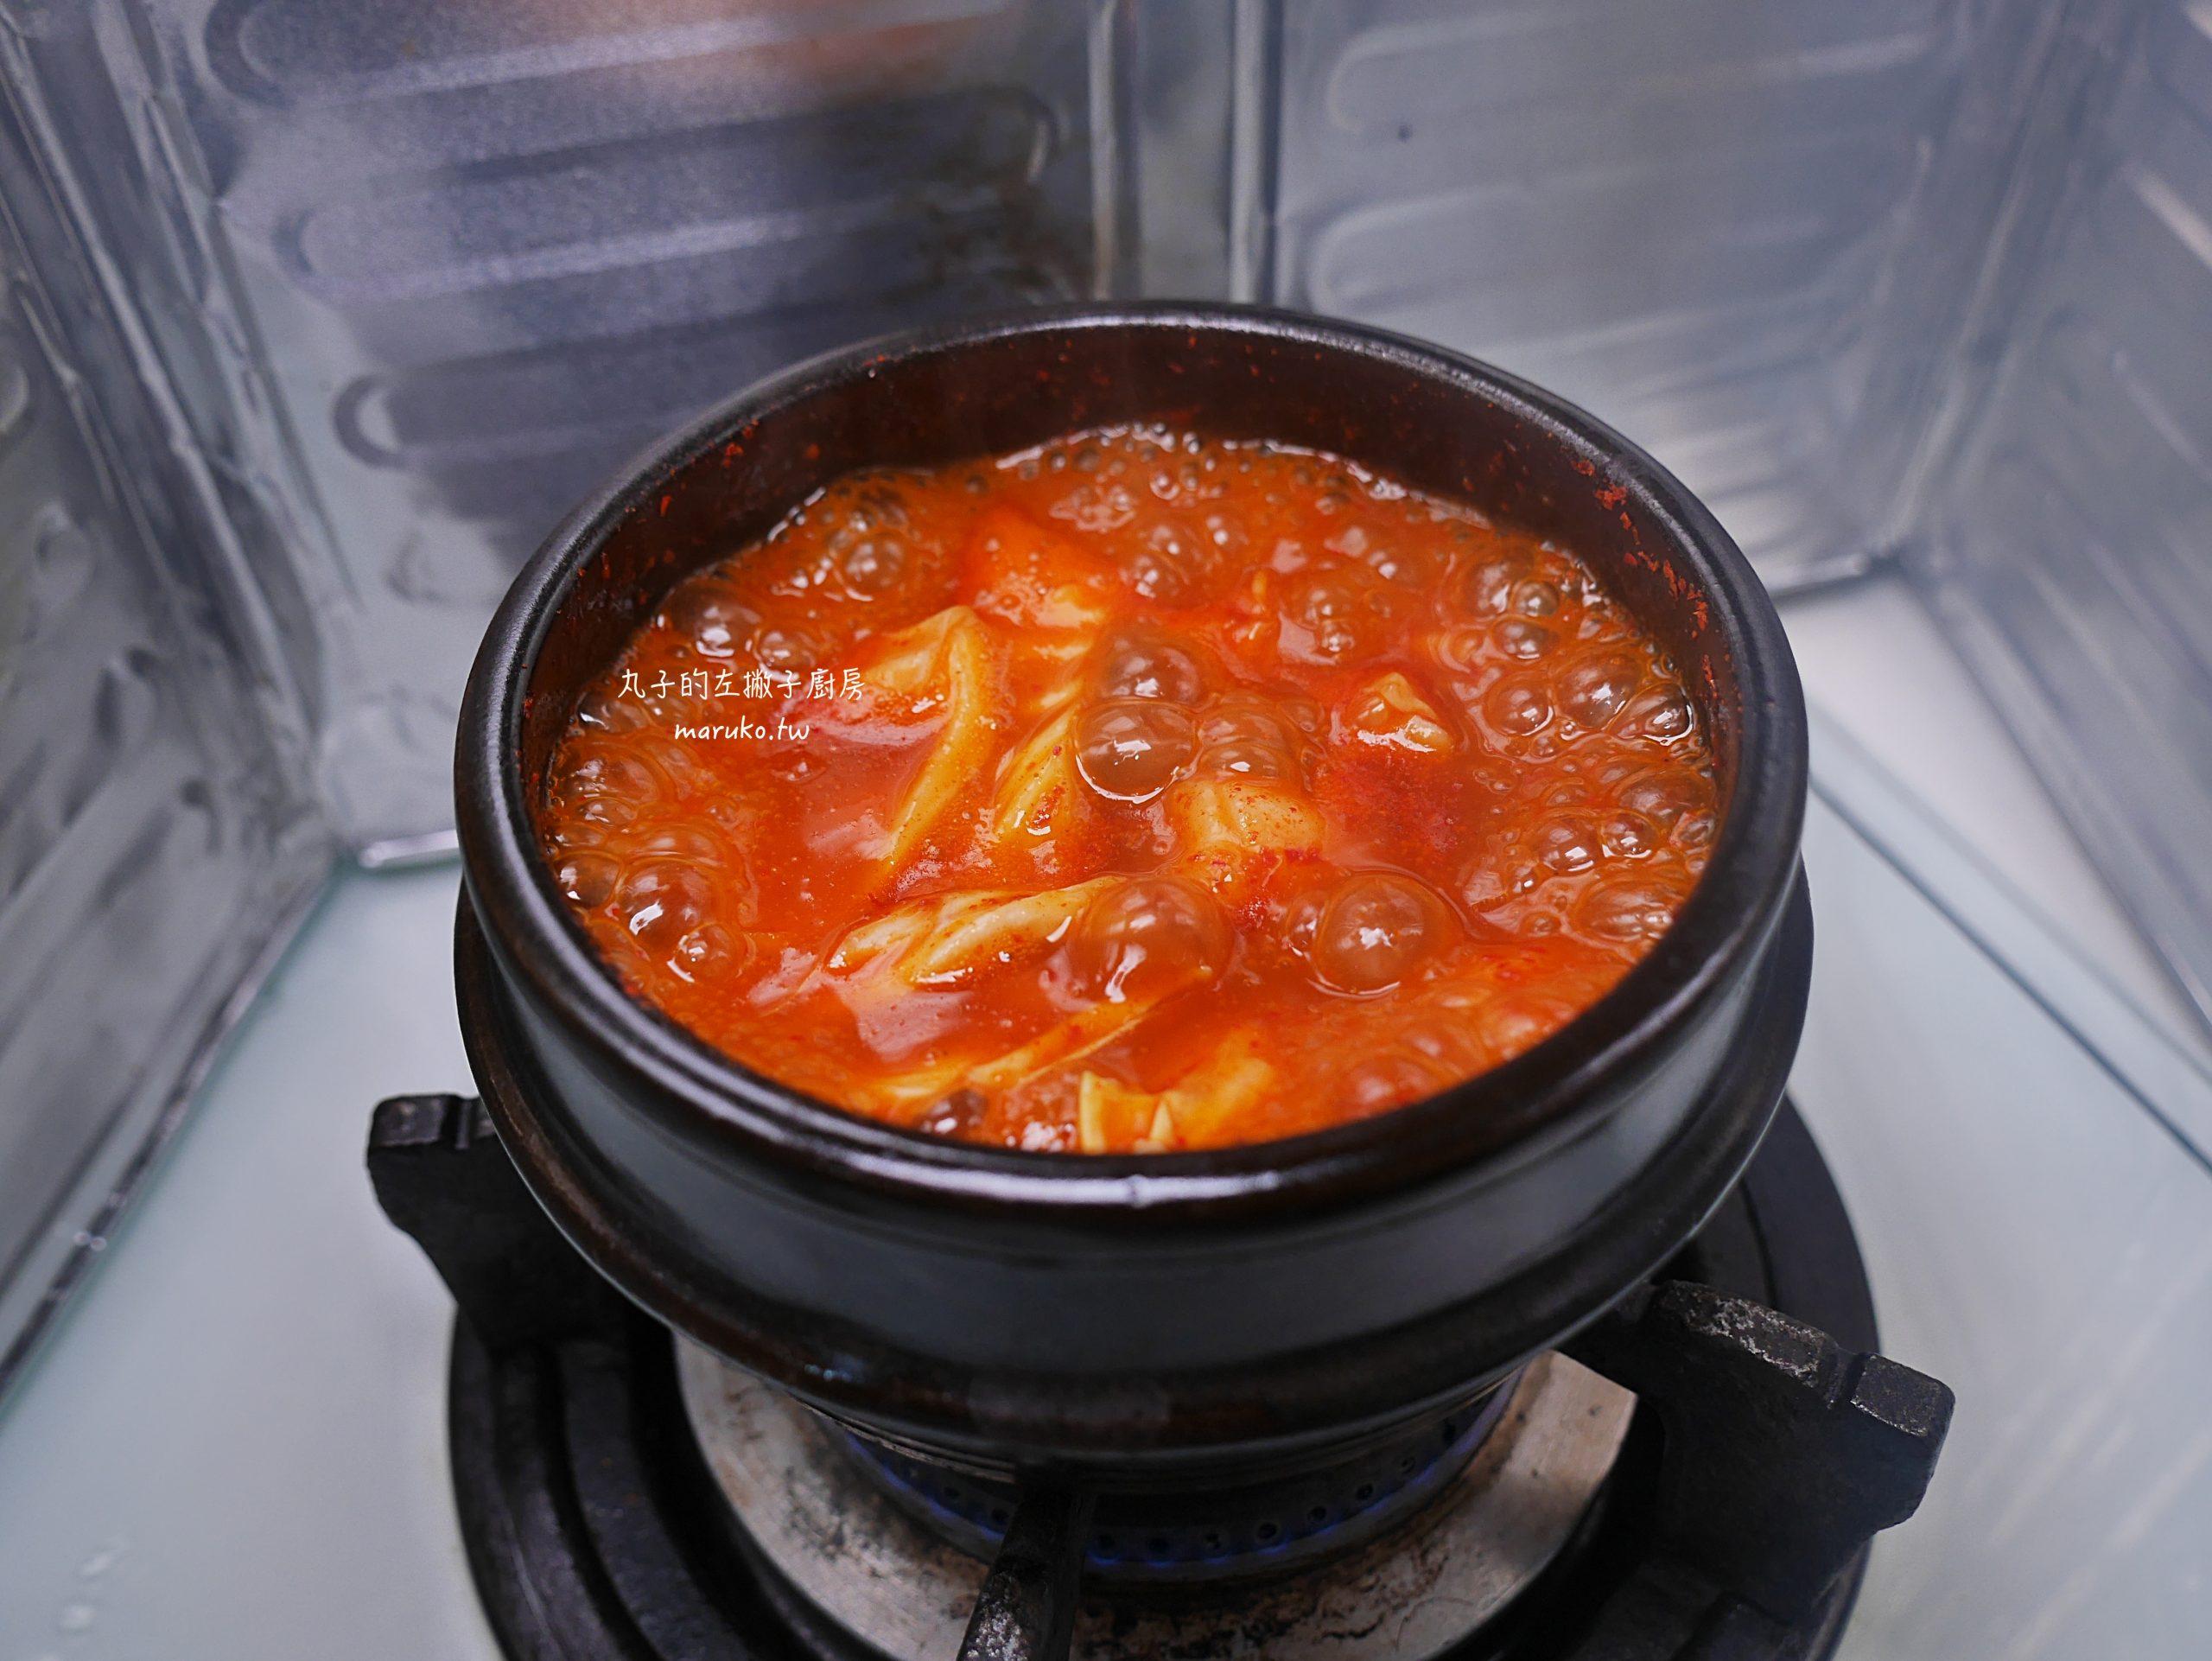 【食譜】韓式辣炒年糕|超簡單!白鍾元老師的辣炒年糕做法 @Maruko與美食有個約會